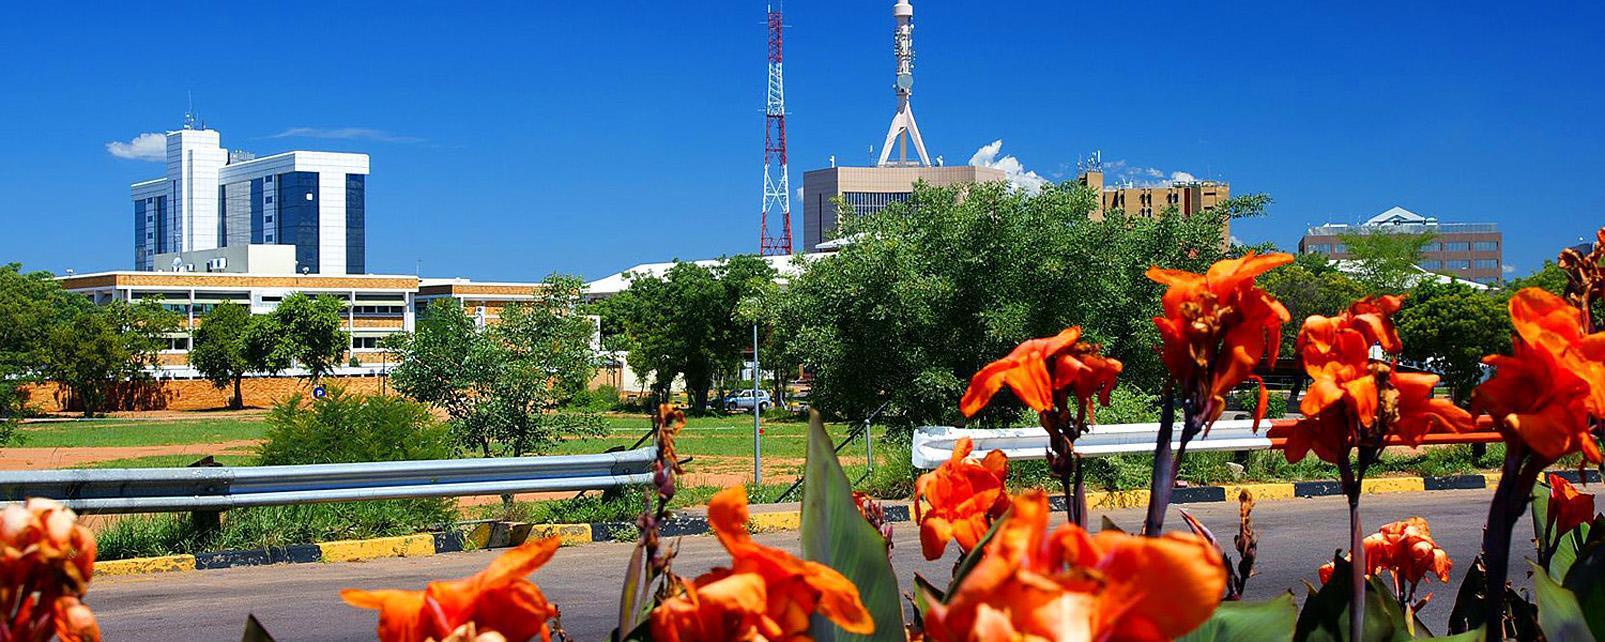 Afrique; Botswana; Gaborone; ville; fleur; bâtiment; route; arbre;